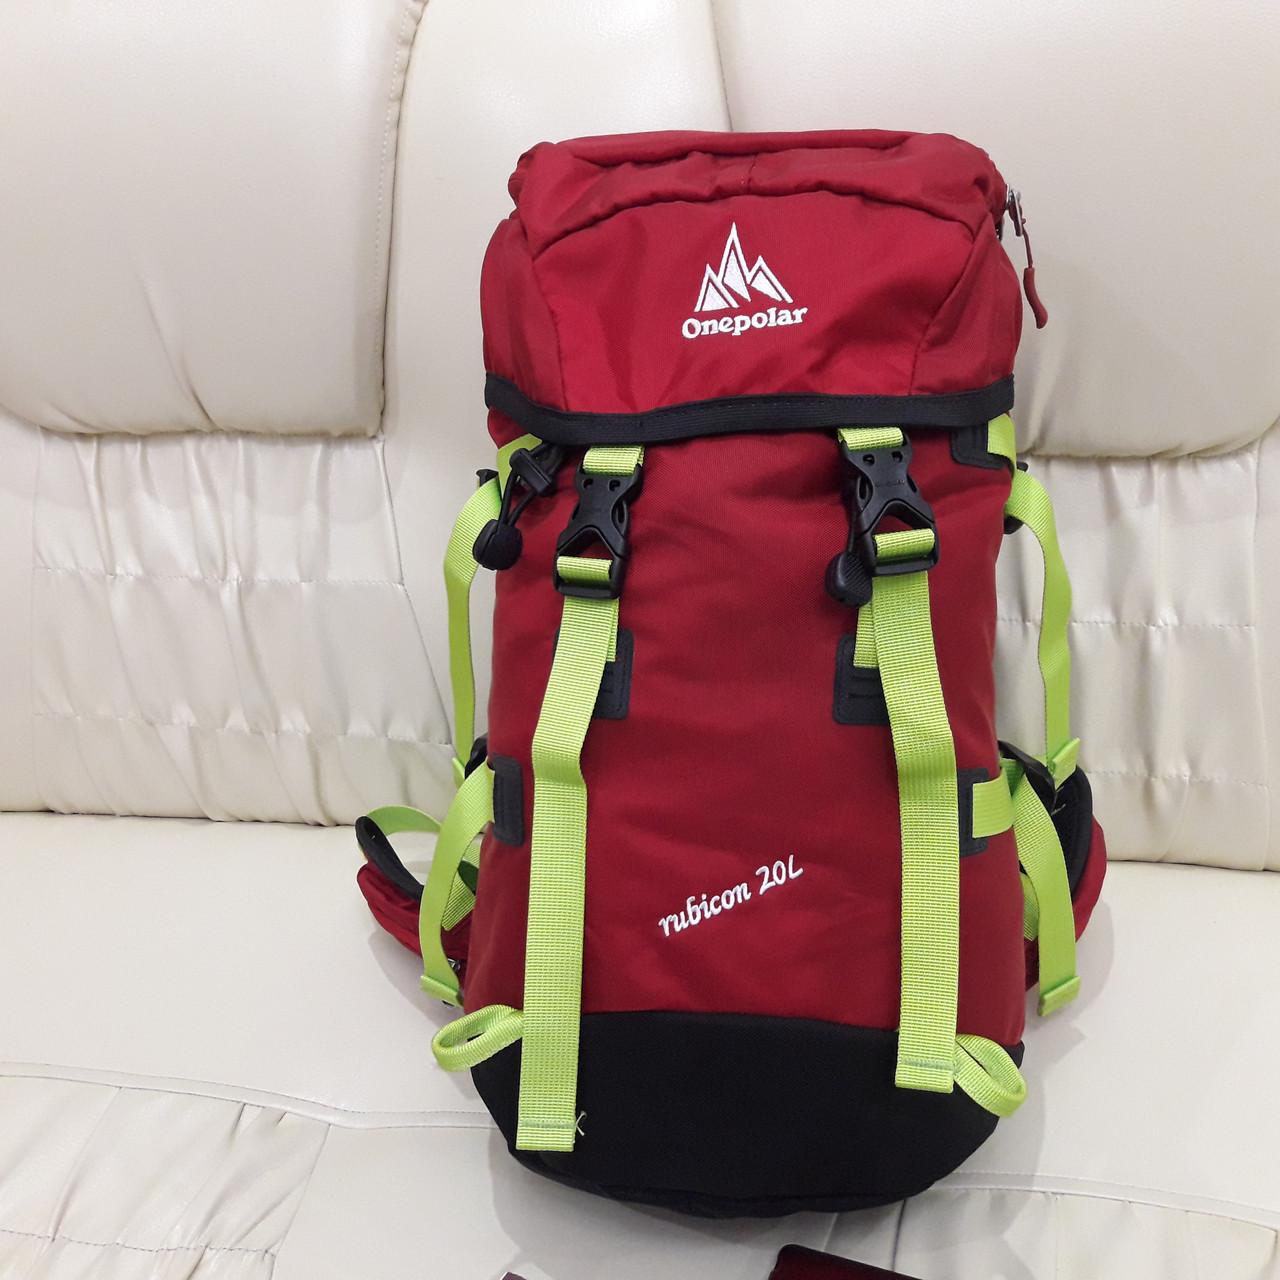 Спортивный рюкзак Onepolar 1587 Red  велорюкзак